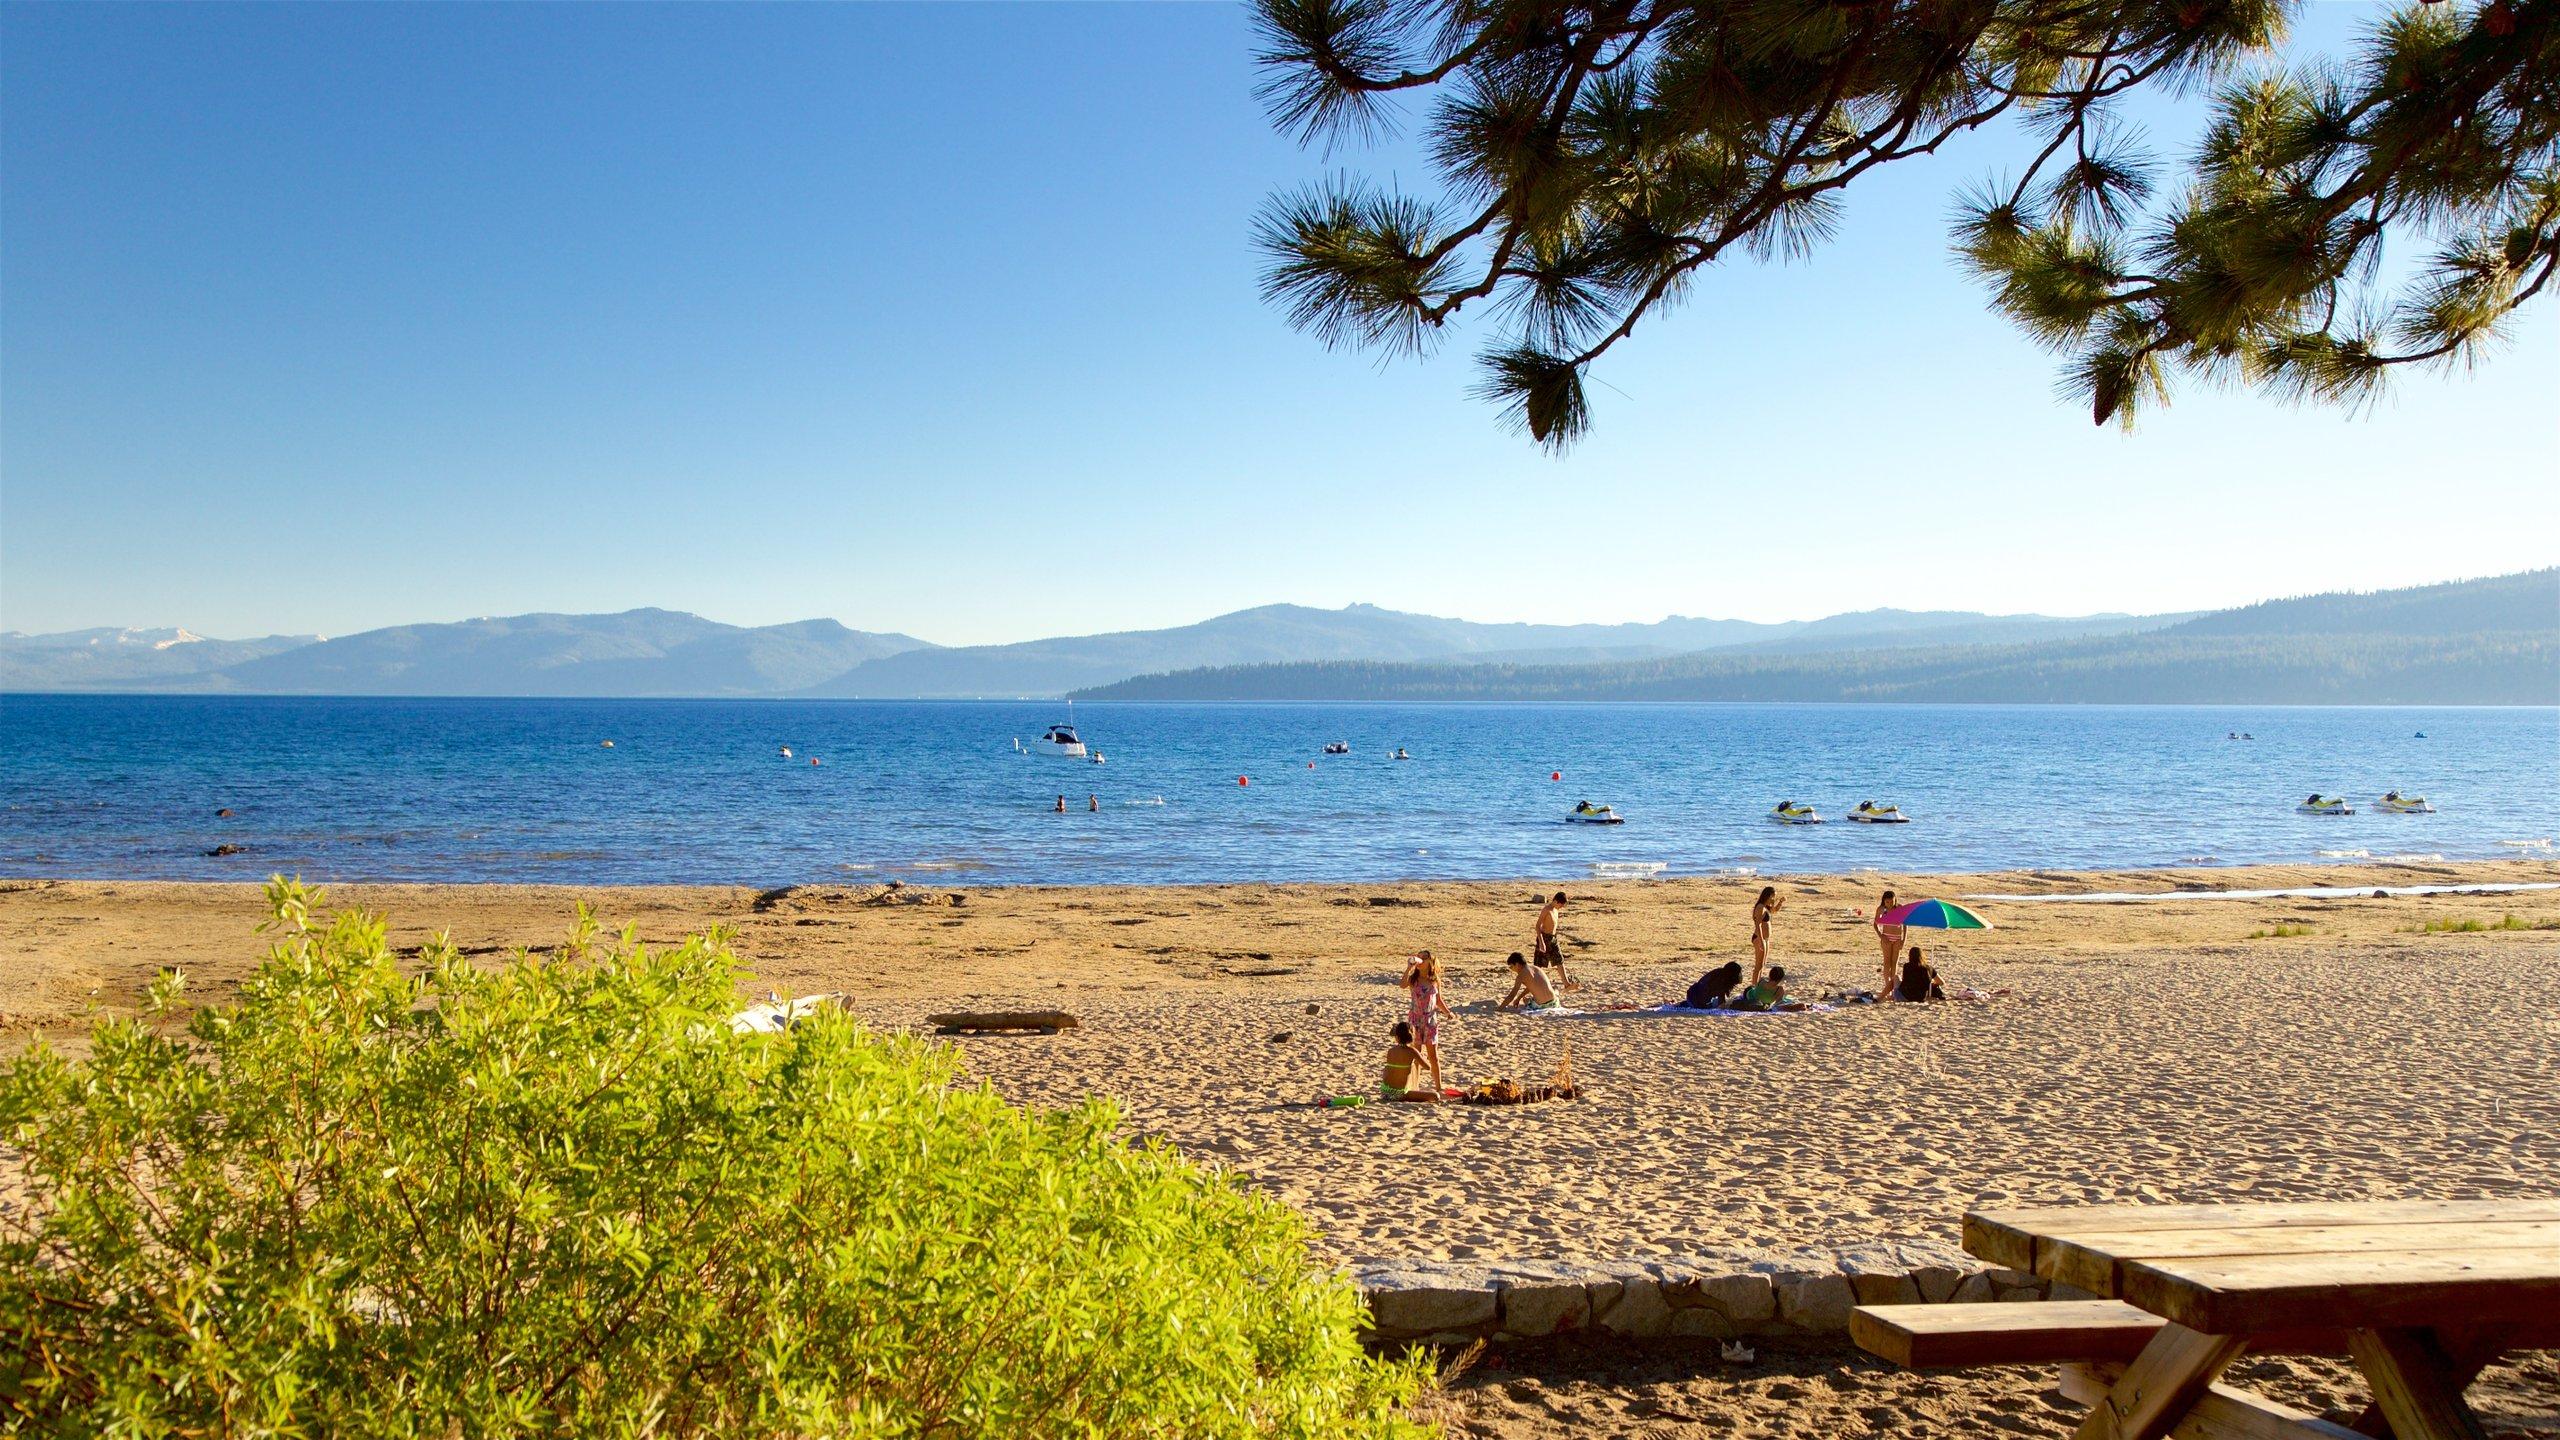 The Top 10 Lake Tahoe Summer Activities | Lake tahoe